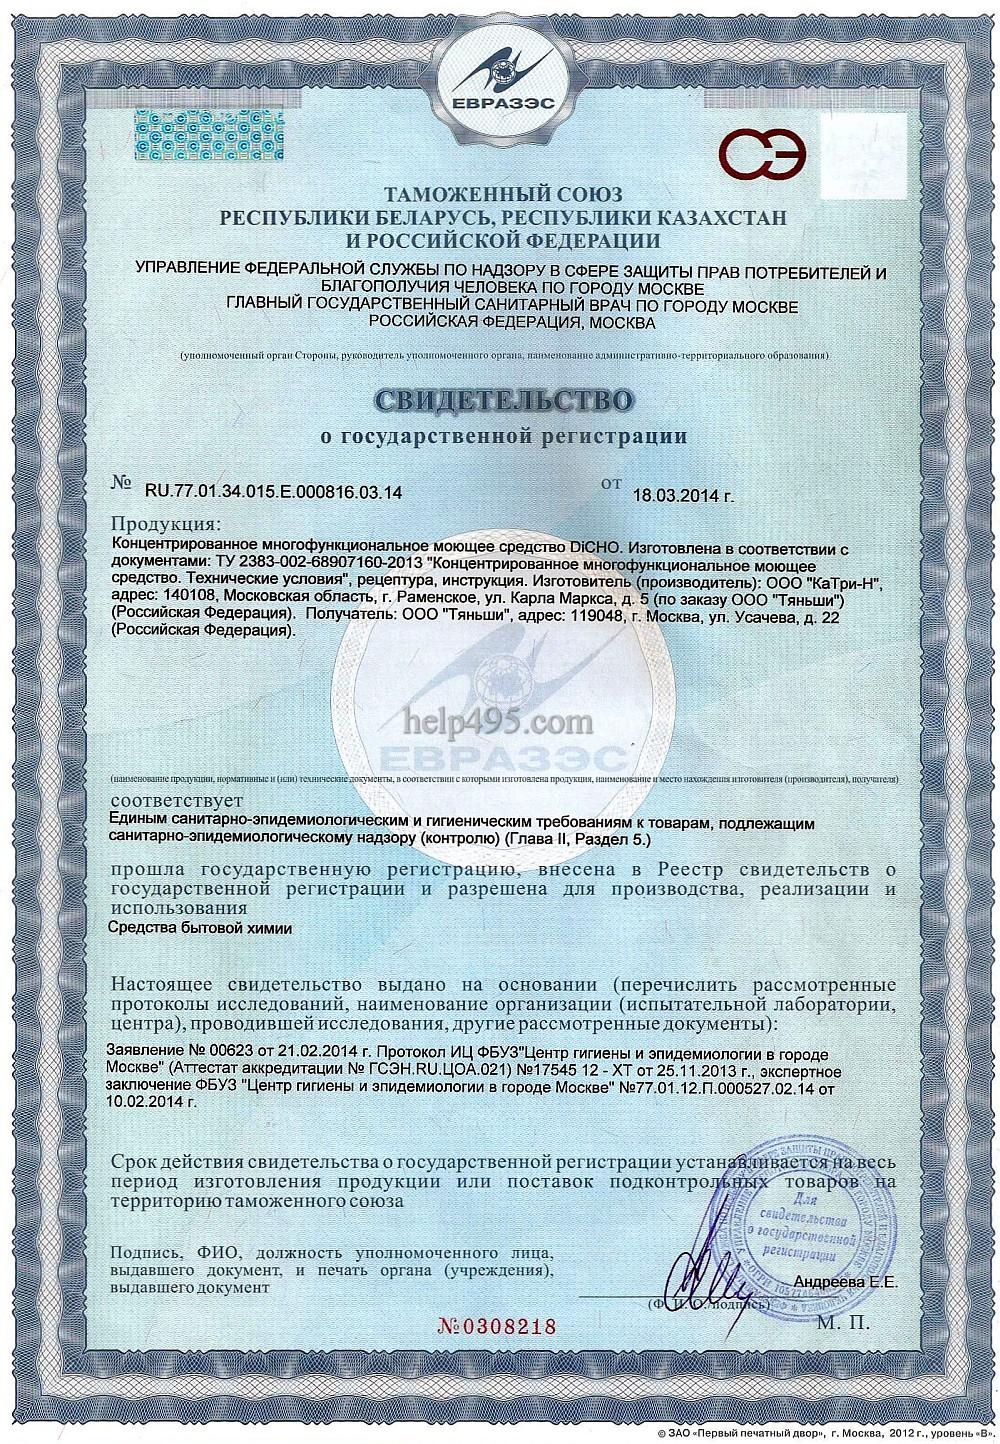 1-ая стр. сертификата продукции Тяньши: Концентрированное многофункциональное моющее средство DICHO